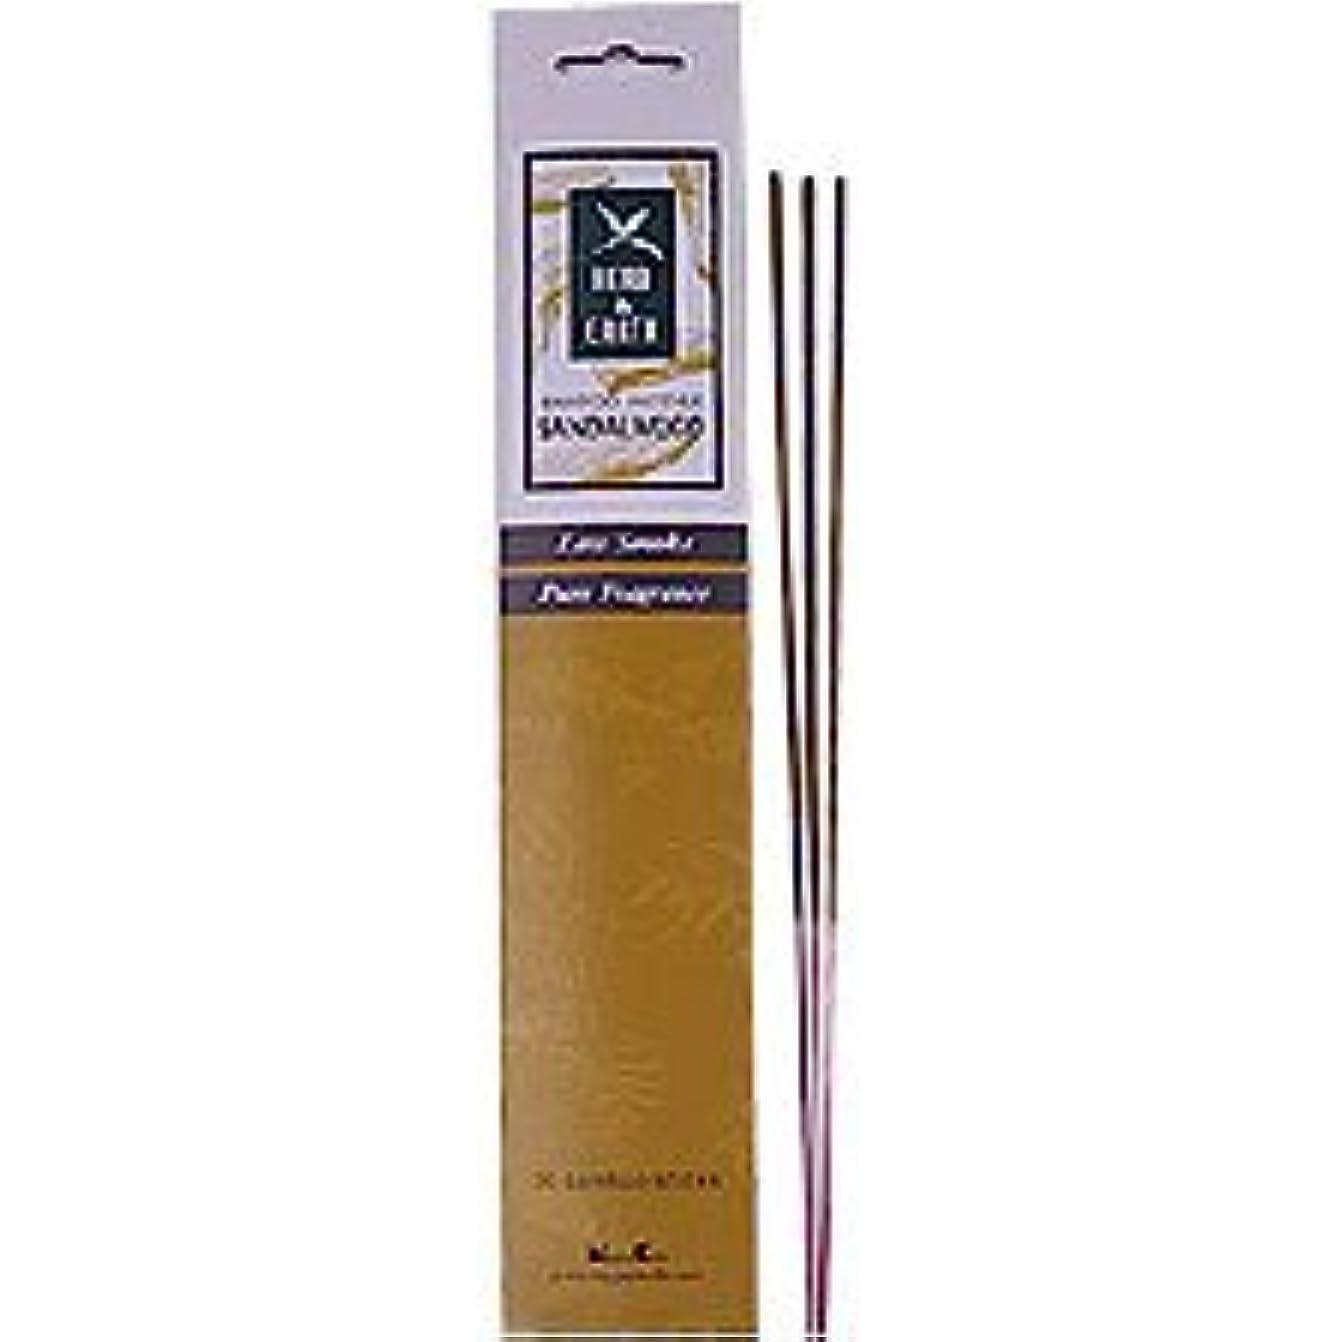 寛容エンジンおもちゃSandalwood - Herb and Earth Incense From Nippon Kodo - 20 Stick Package by Herb & Earth [並行輸入品]